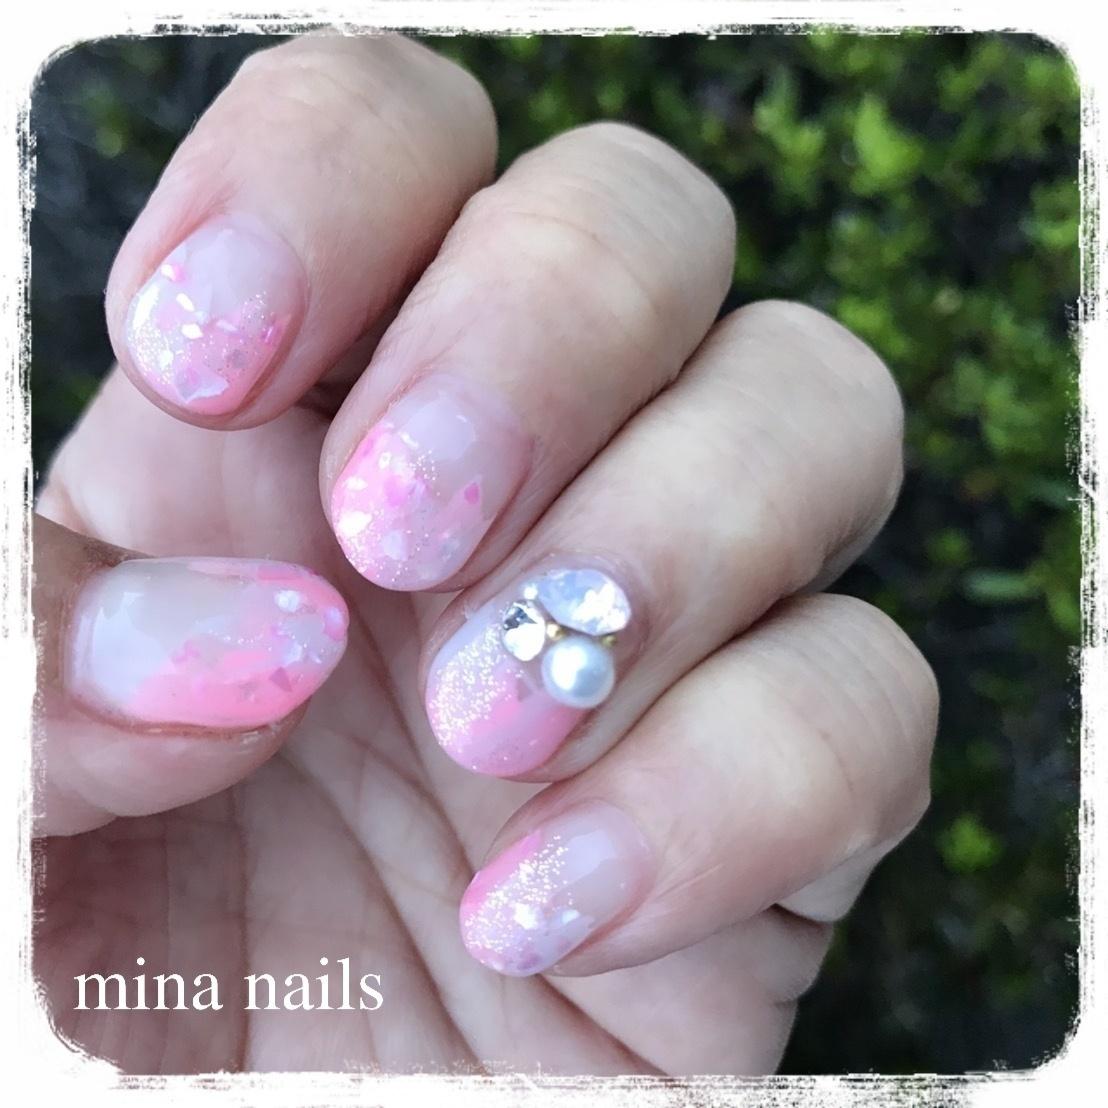 パステルネオンピンクとグレーの塗りかけがめちゃかわいかったのです😍  ピンクを塗った瞬間に、やば…🤤💕となり、なぜか小声になるっていう😆 ・ 秋のデザインもご用意していますが、今日は暑すぎたので、夏ネイルが出ました。 ・ #塗りかけネイル #ネオンカラーネイル #パステルネオンネイル #夏ネイル #3dビジュー #ジェルネイル #ネイルデザイン #大人ネイル #夏ネイル #大人可愛い